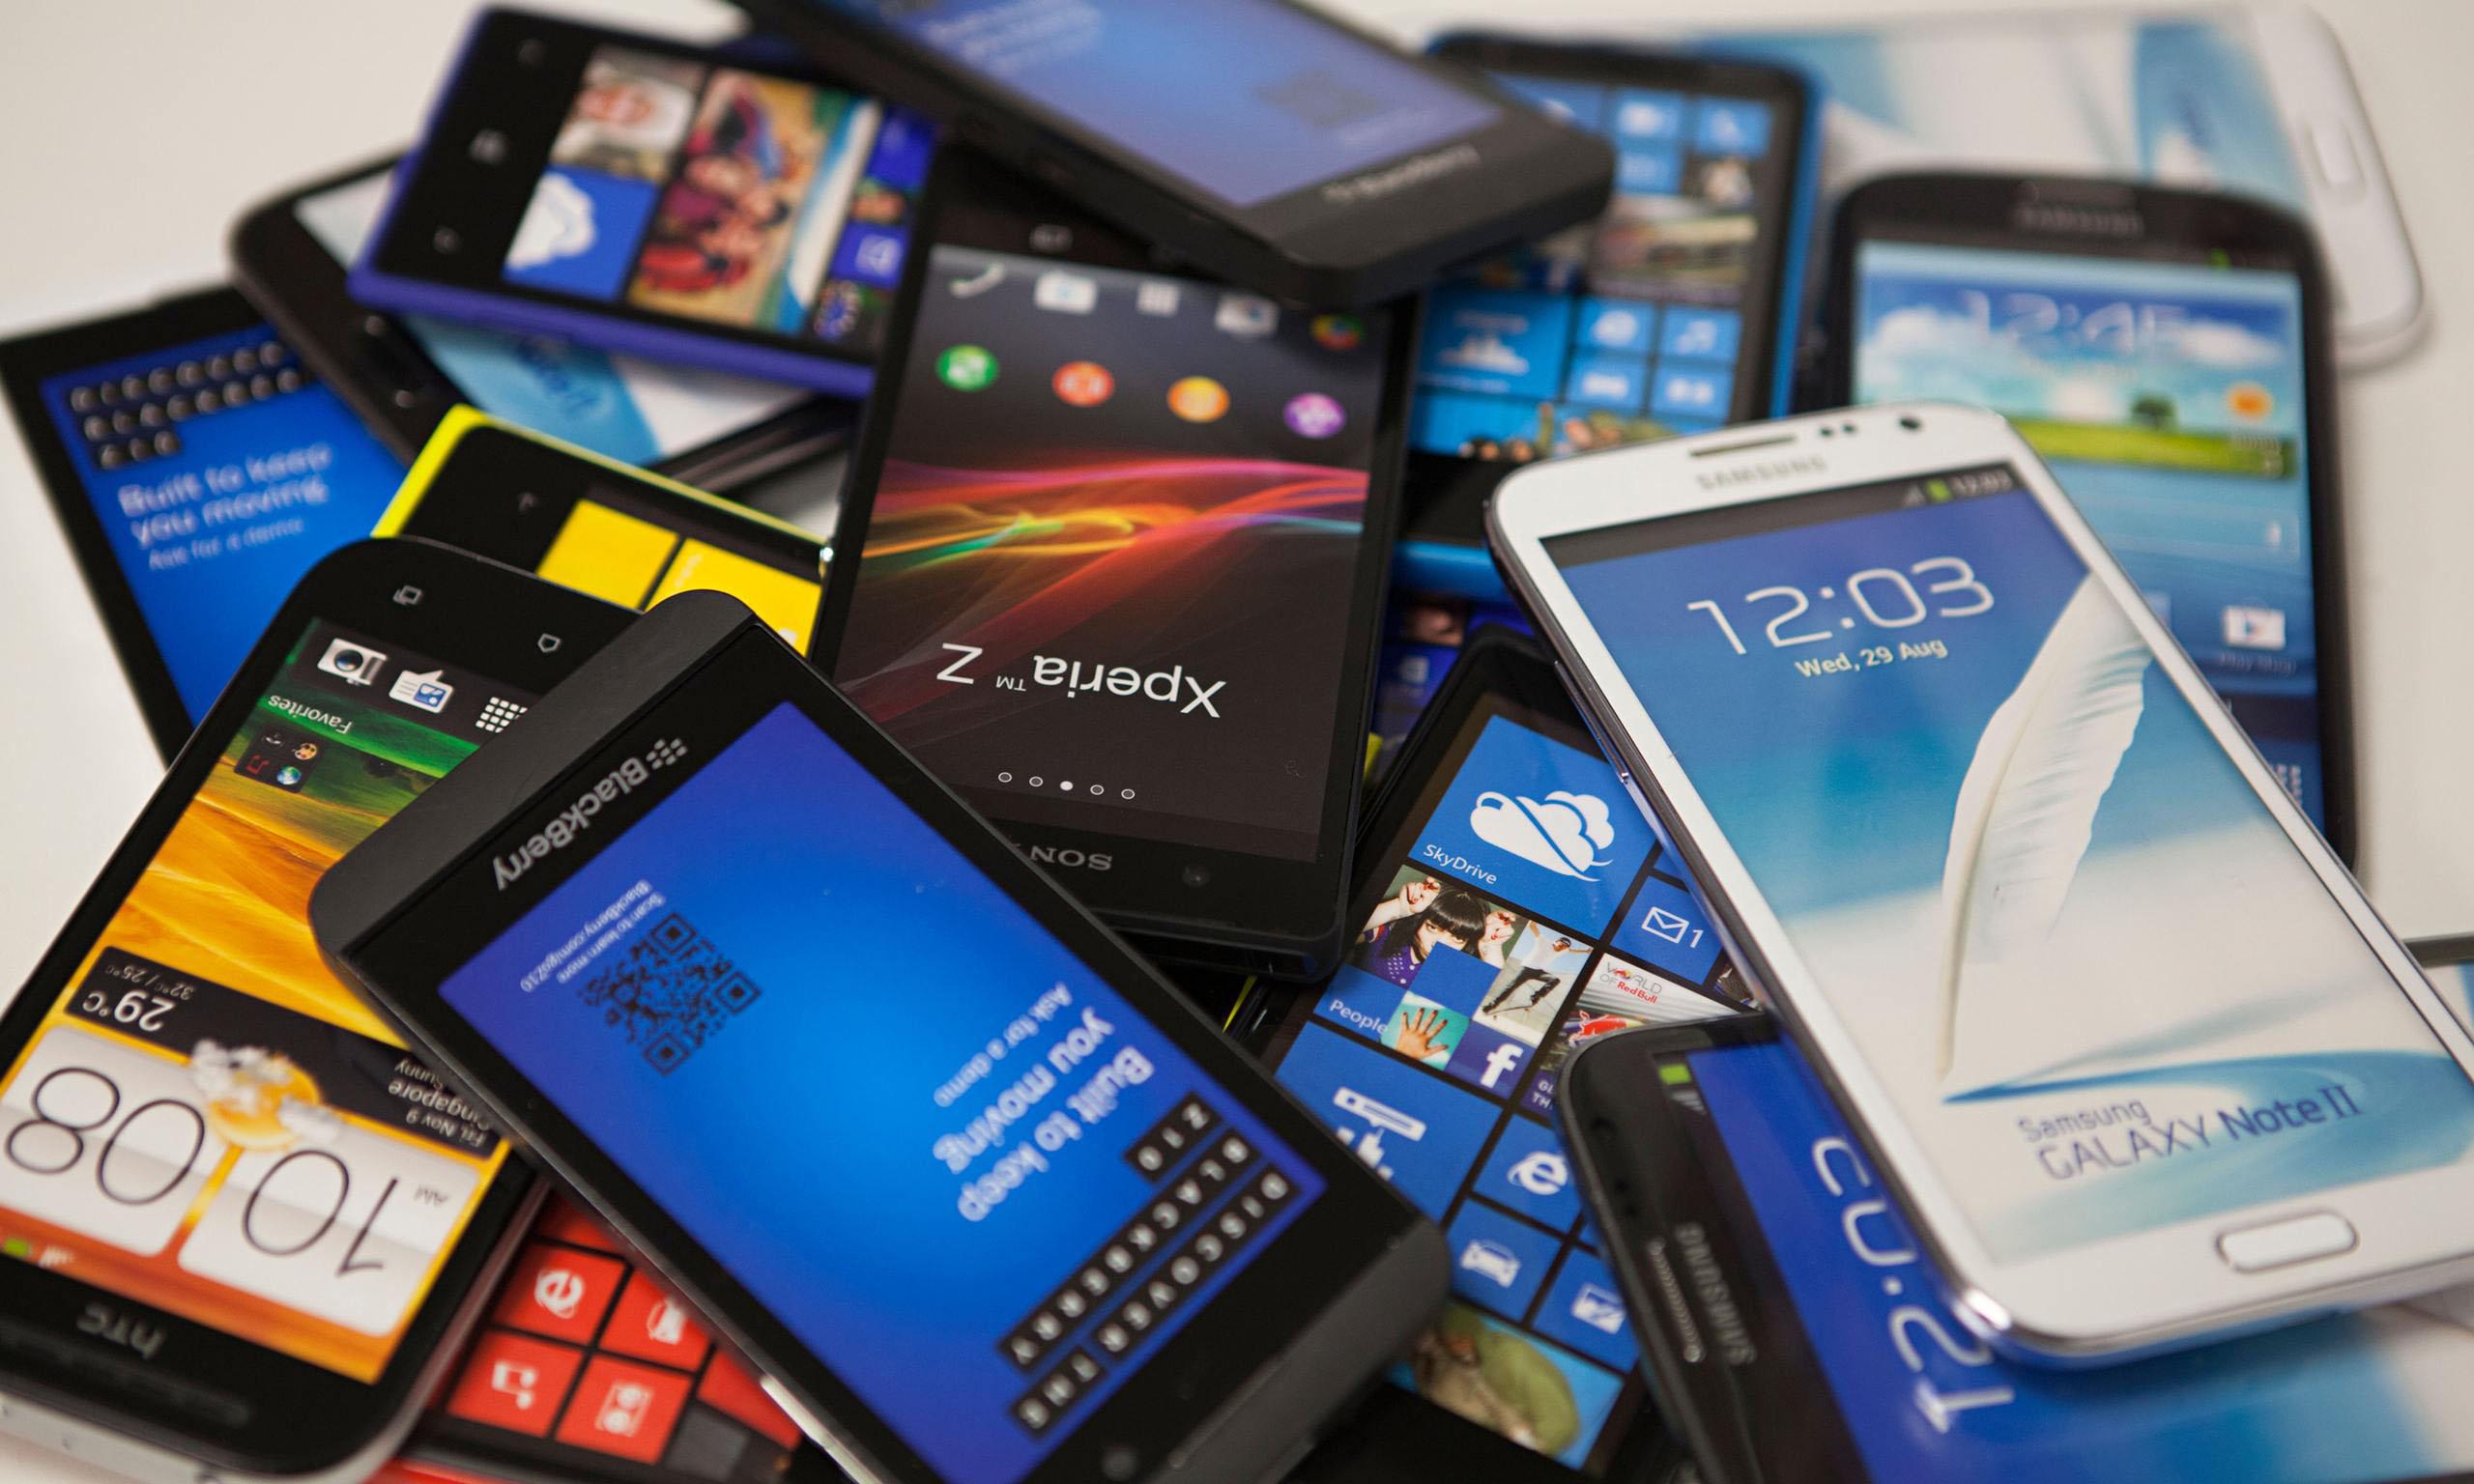 Ventes de smartphones au 3ème trimestre 2015 : Apple et Huawei à la fête, mais pas Samsung